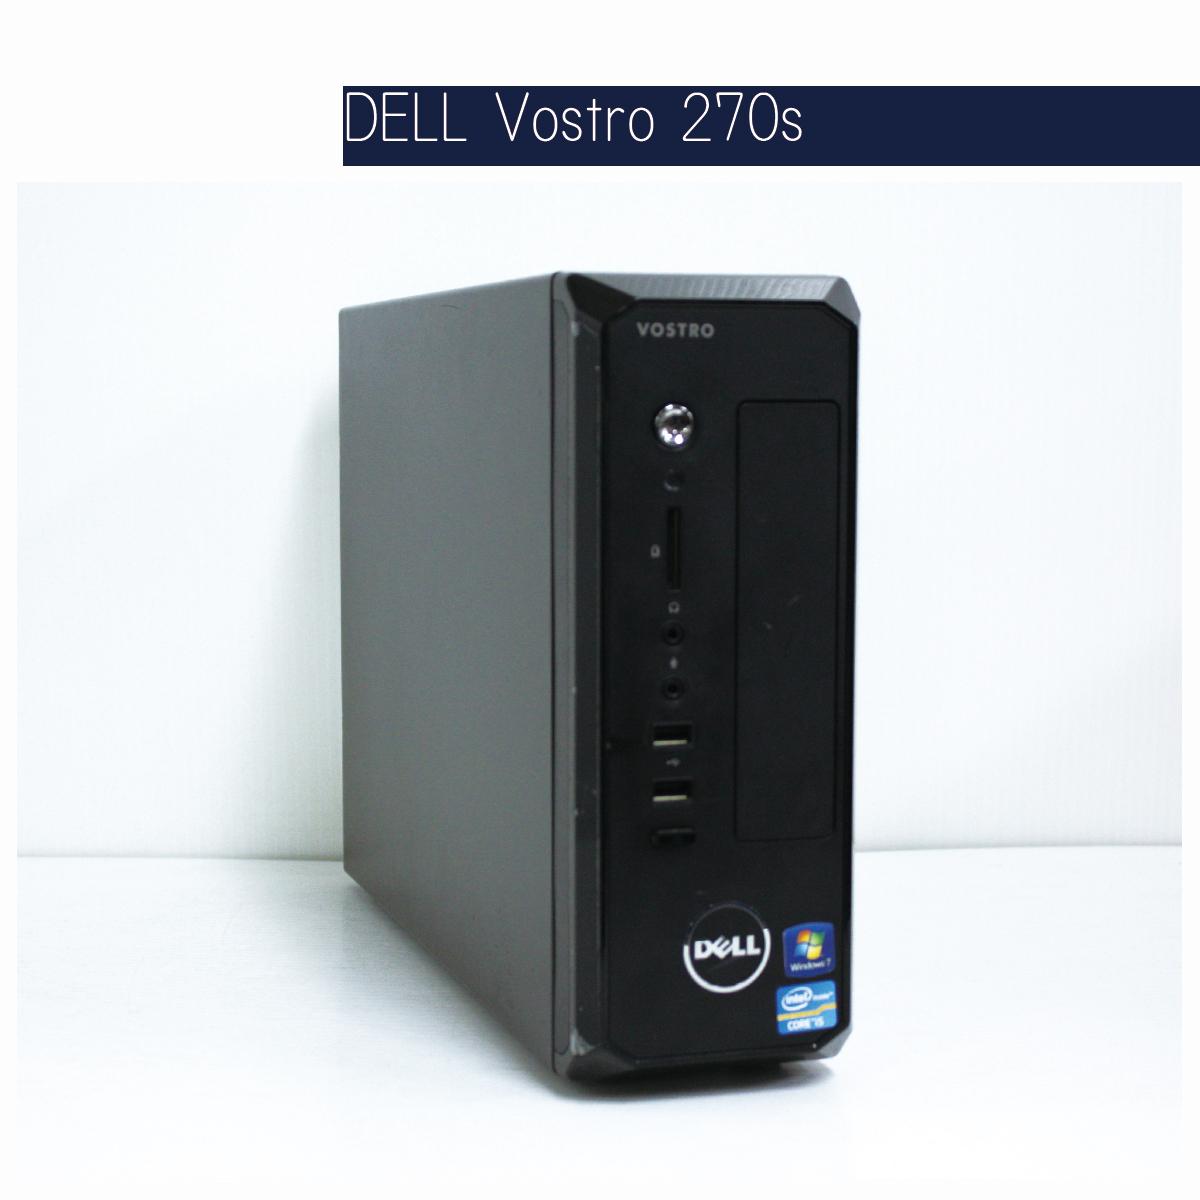 DELL Vostro270s Core i5 [2.9GHz](Win10)